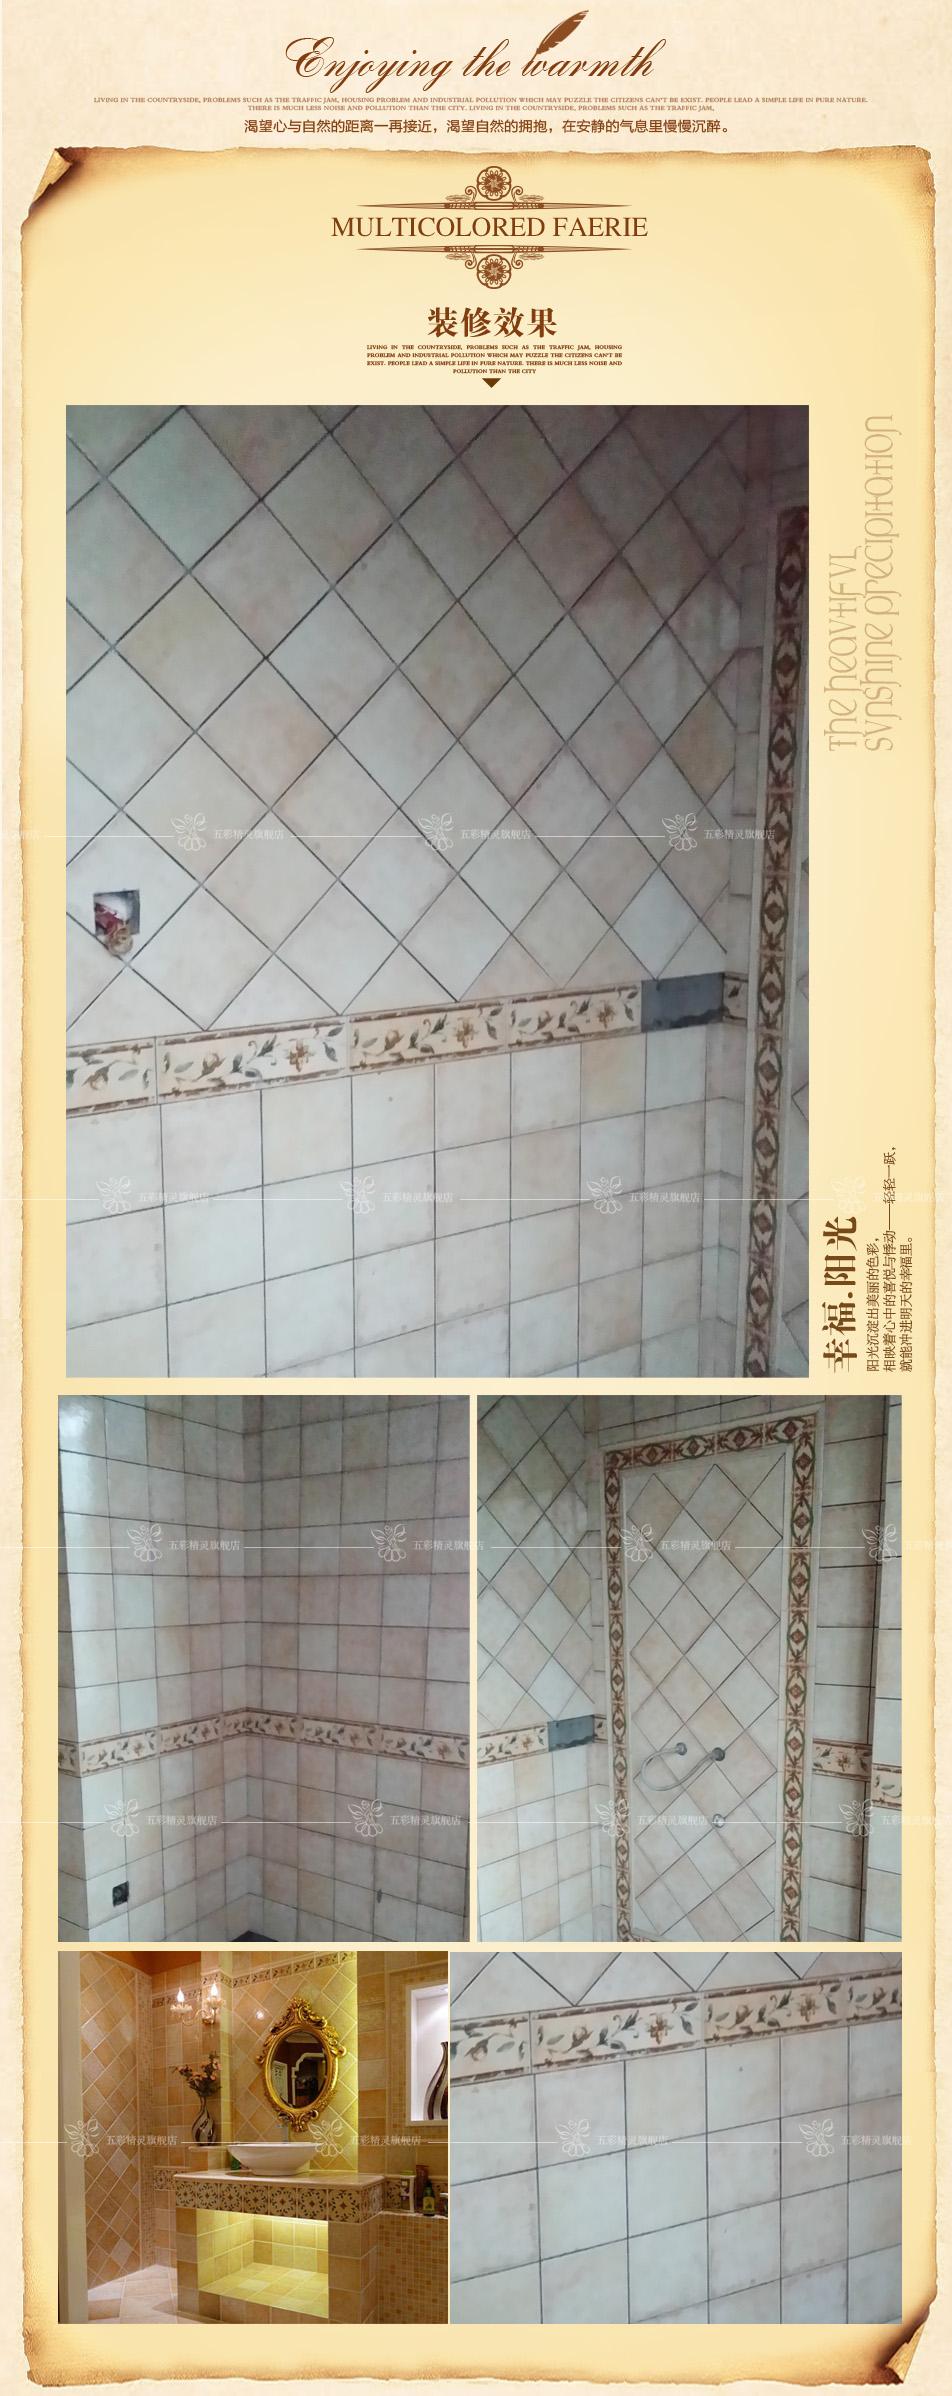 五彩精灵仿古砖 全瓷瓷砖 美式乡村 厨房墙砖卫生间阳台 亮面地砖图片